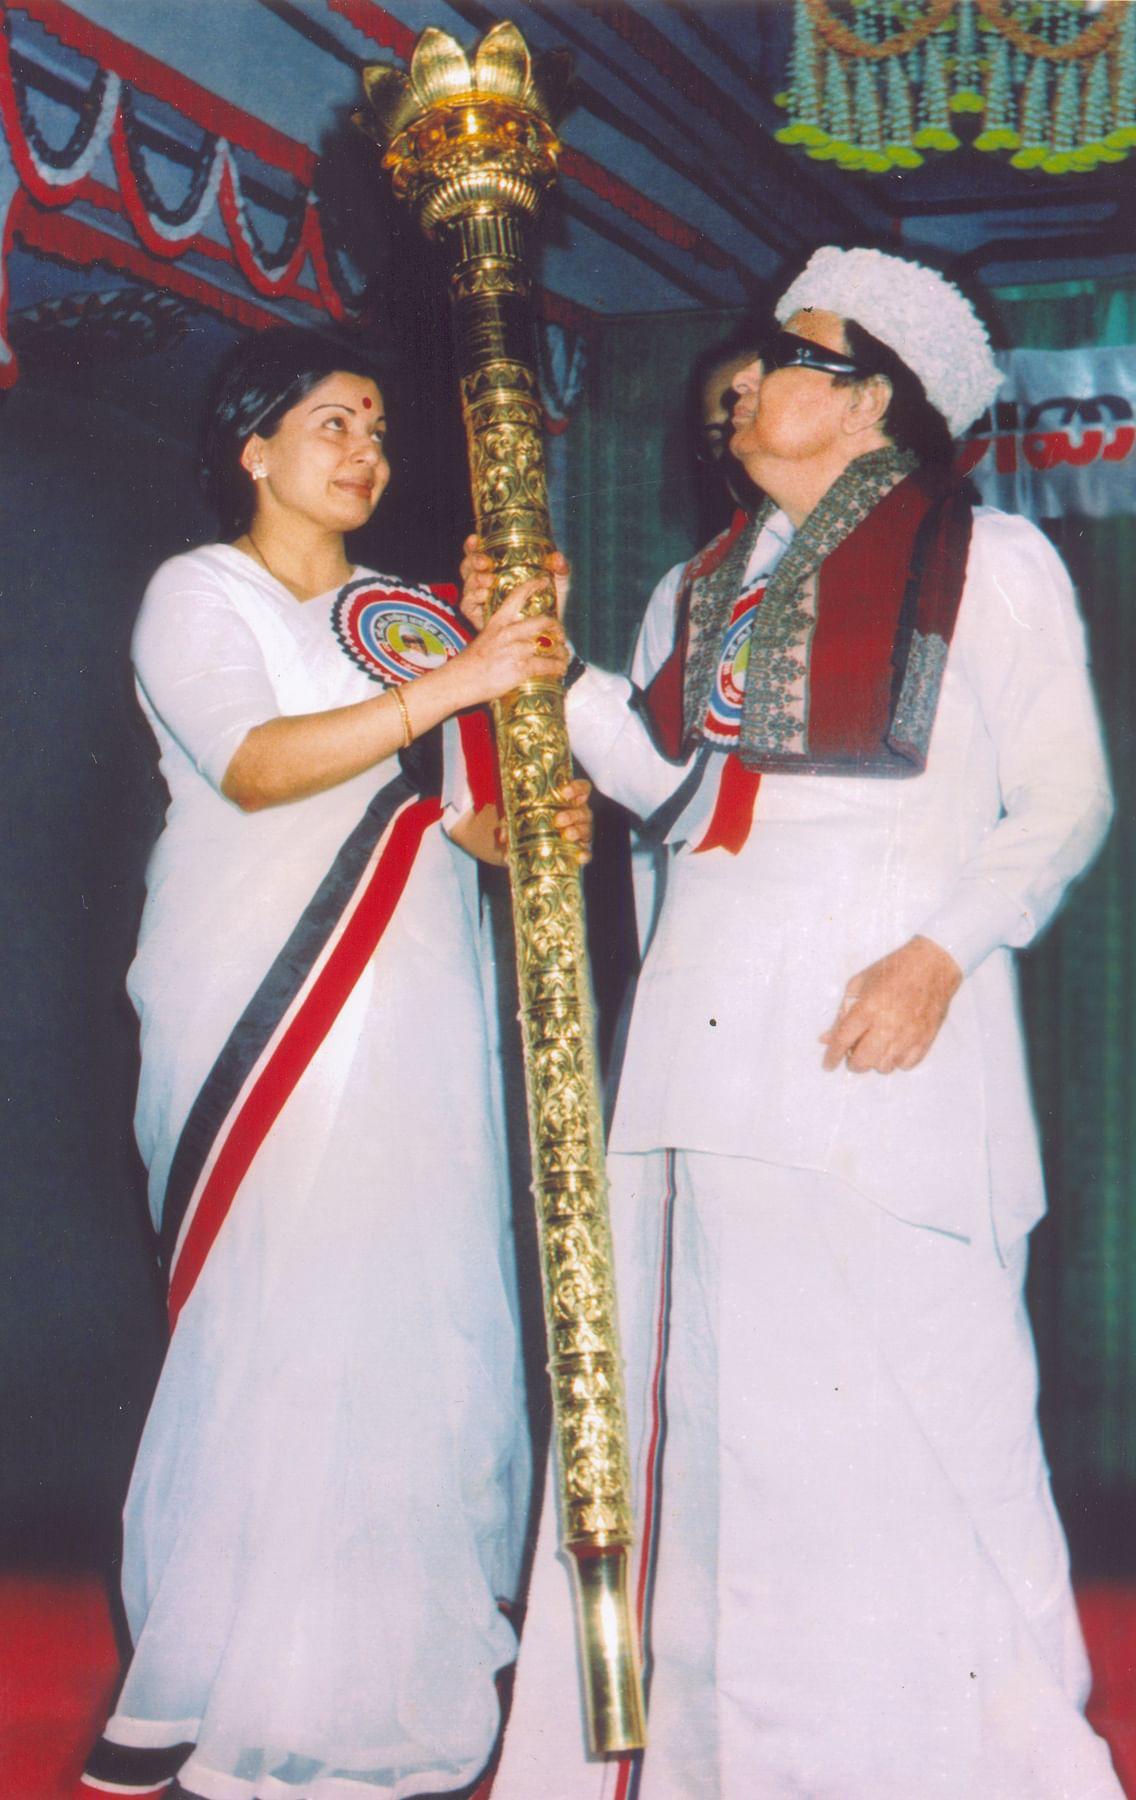 எம்.ஜி.ஆருக்கு செங்கோல் பரிசளிக்கும் ஜெயலலிதா